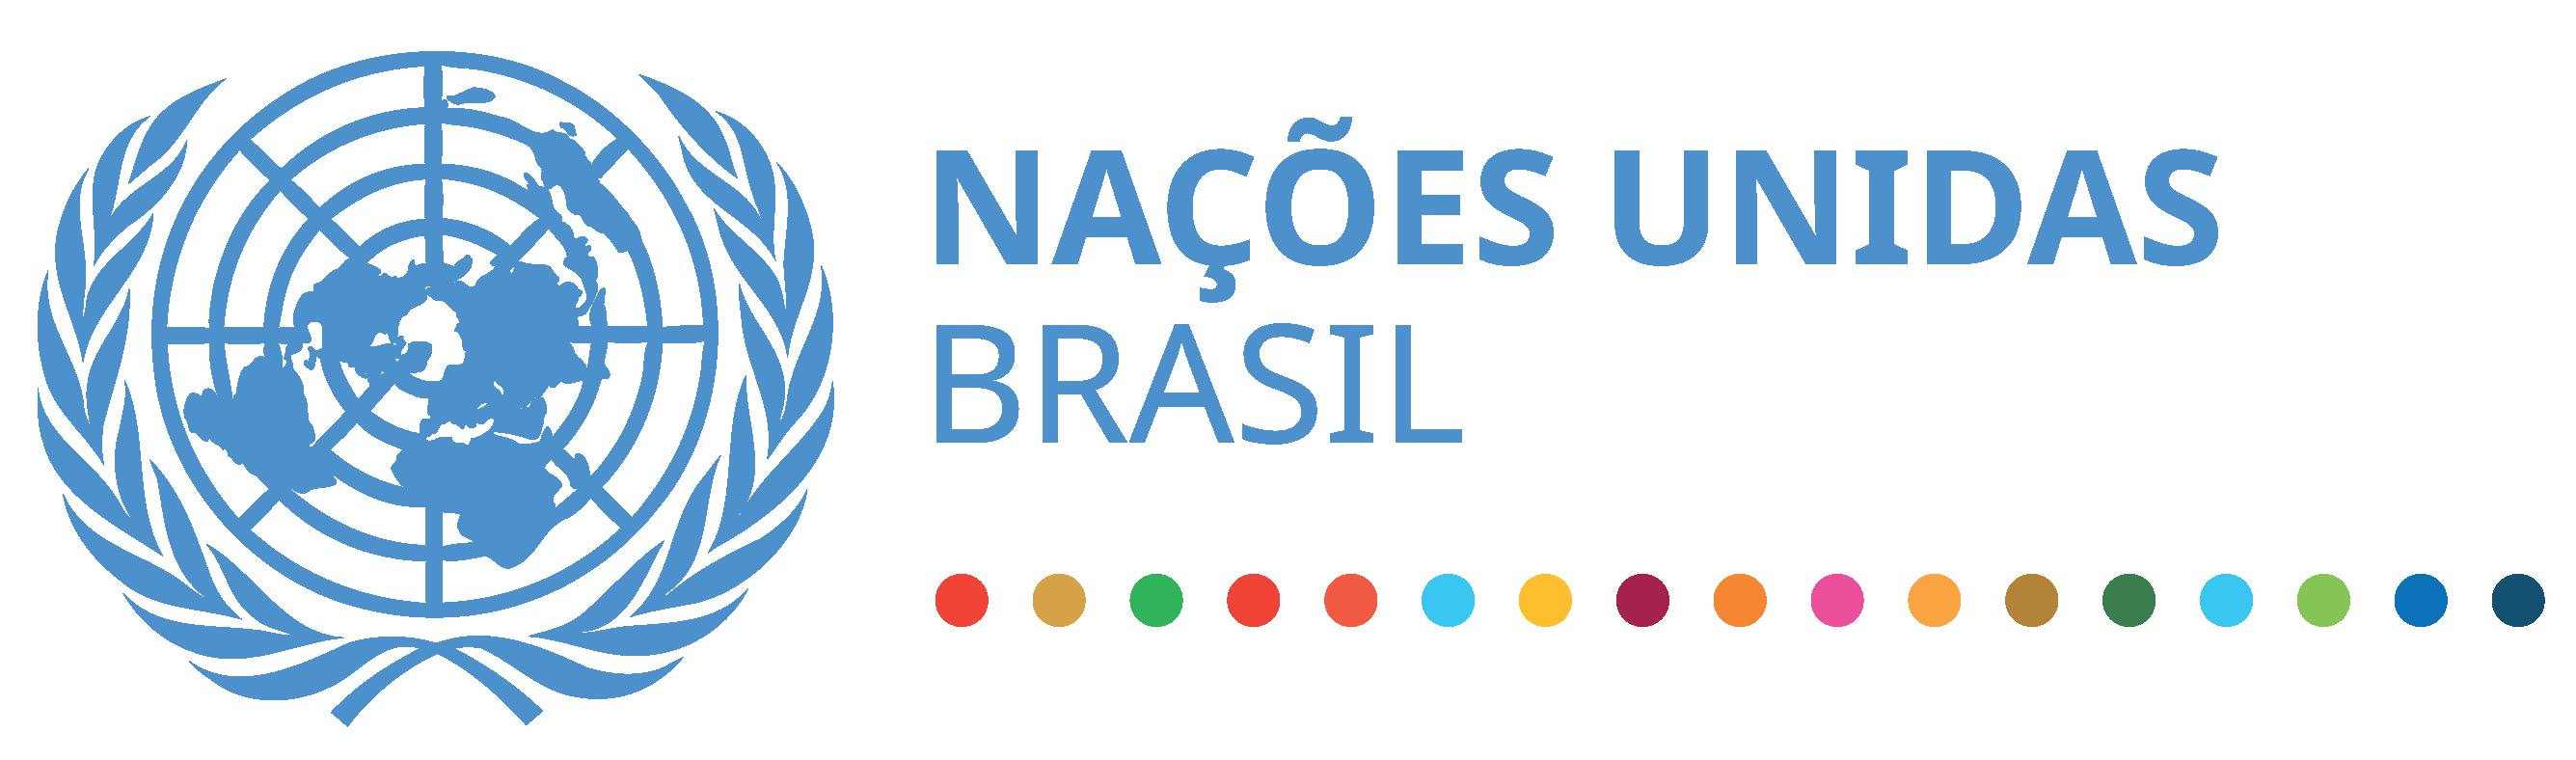 Centro de Informação das Nações Unidas no Brasil (UNIC Rio de Janeiro)